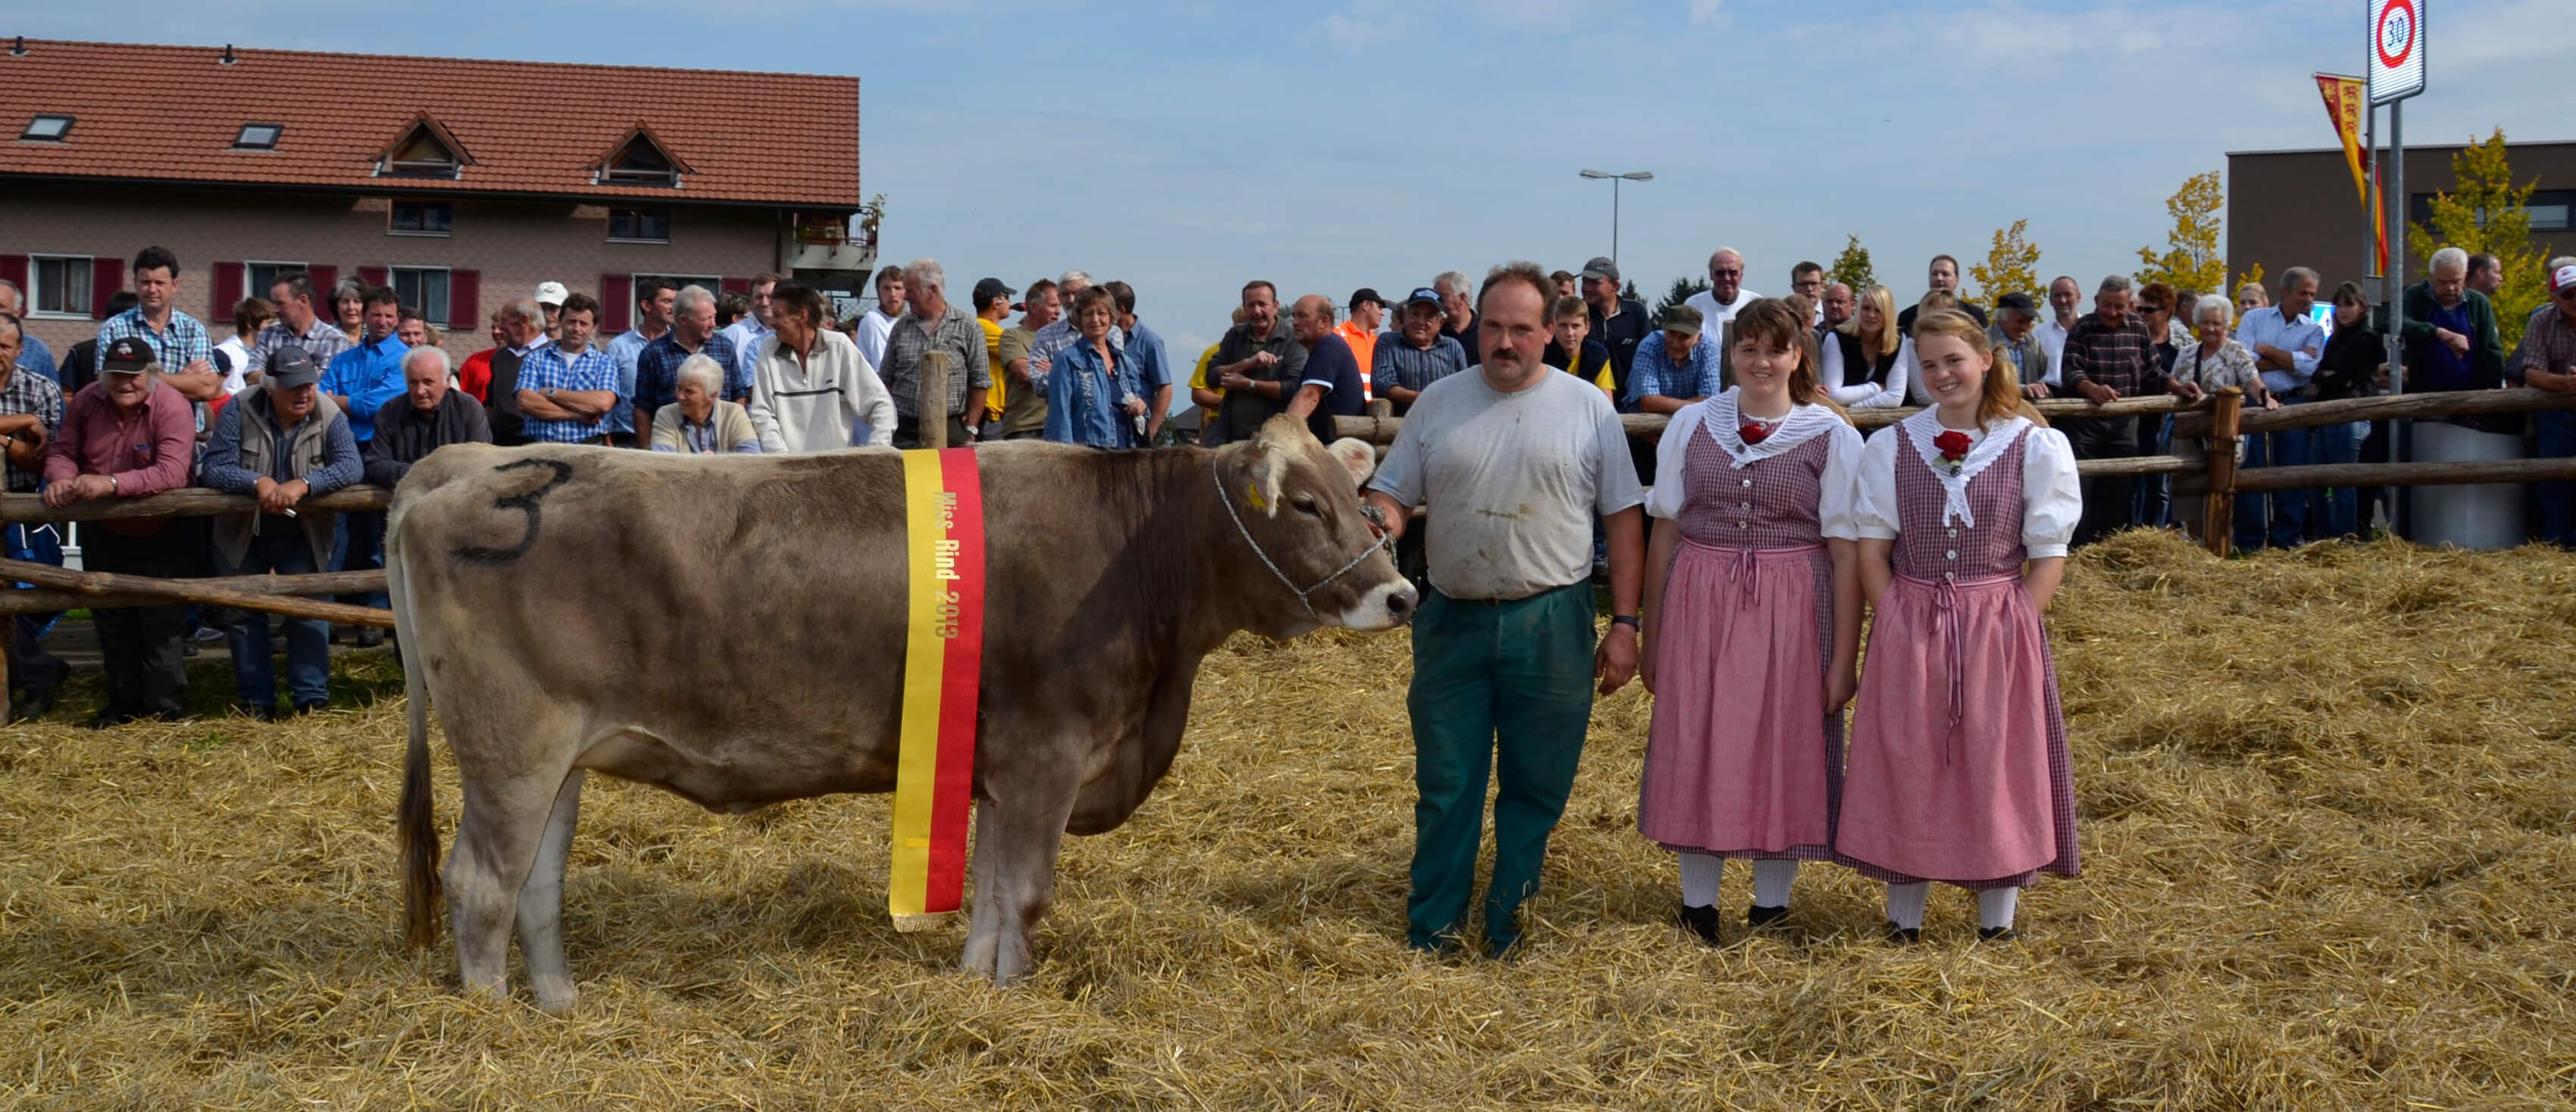 Miss Hoefe Rind 2013, Janett, Mettler Andy, Aesch, Schindellegi